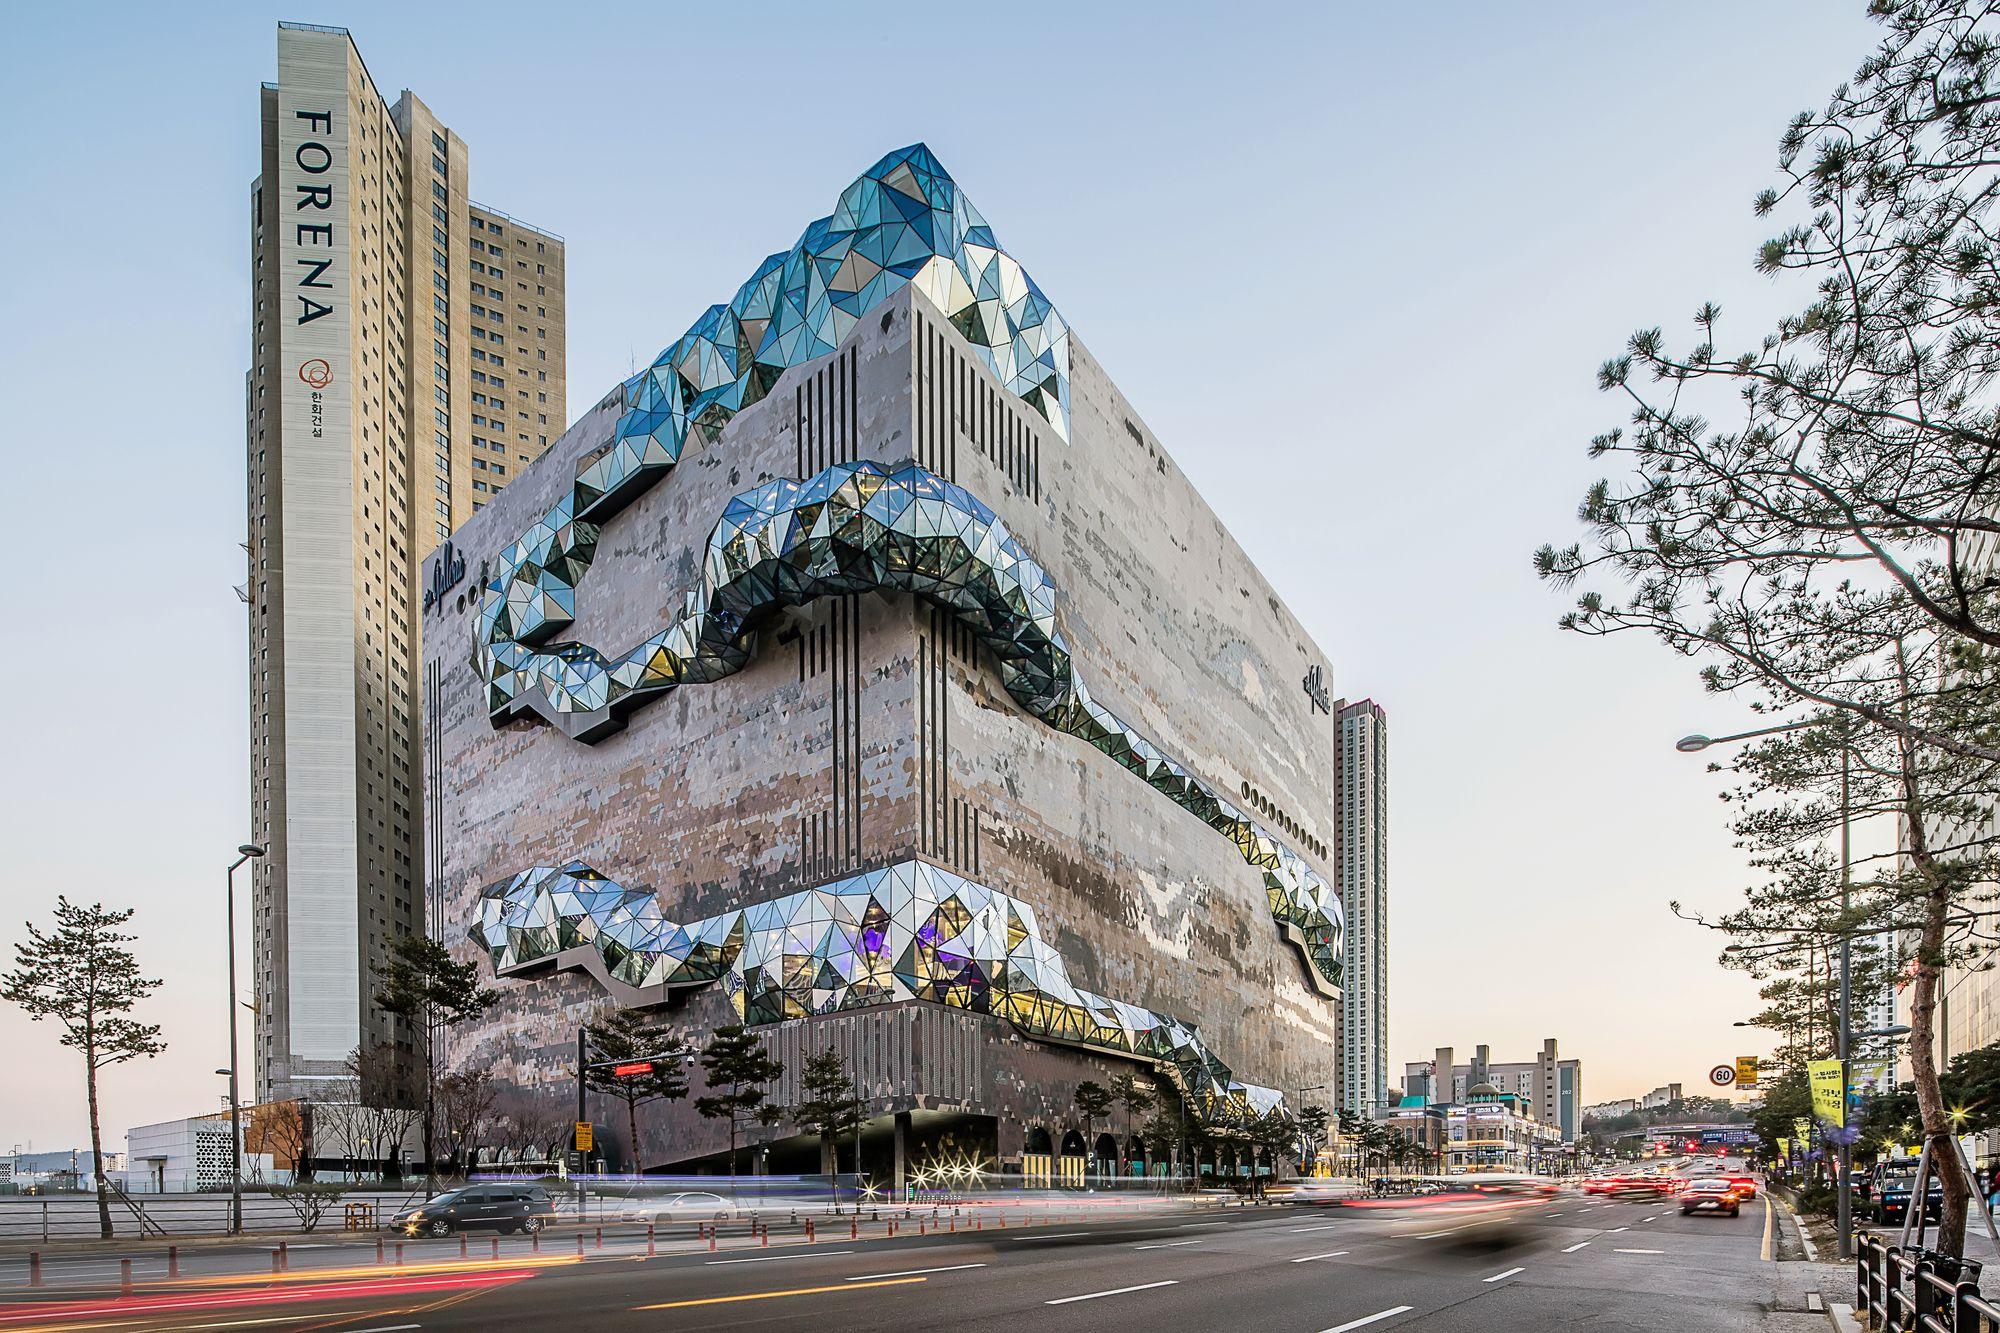 El increíble edificio en Corea que integra el vidrio berciano fabricado en Tvitec 1